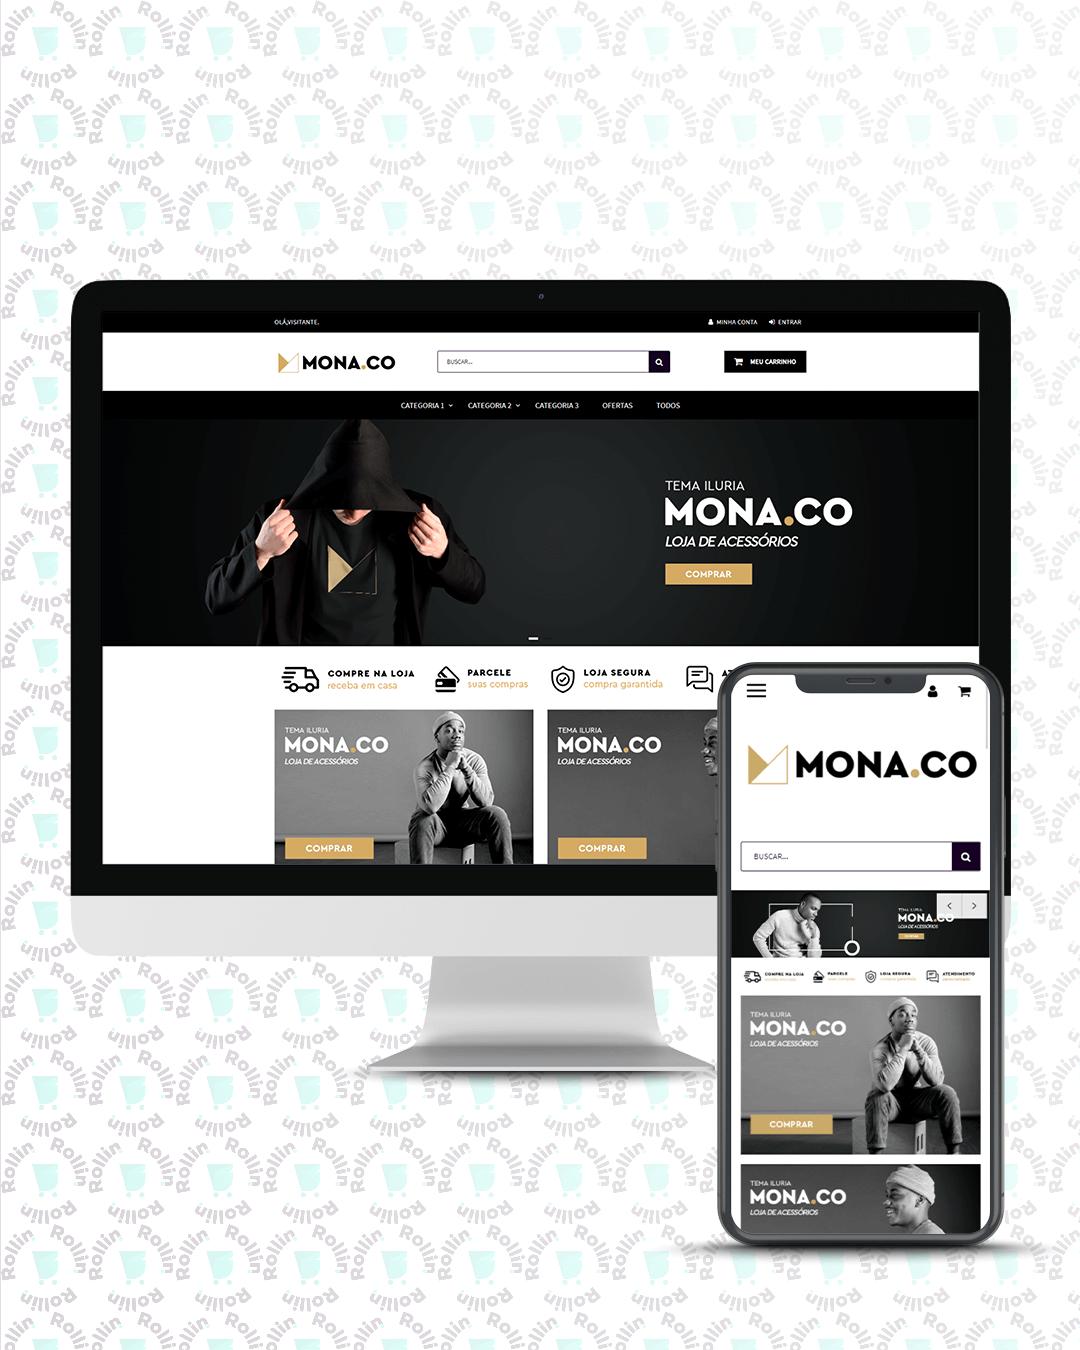 Tema Iluria - Monaco